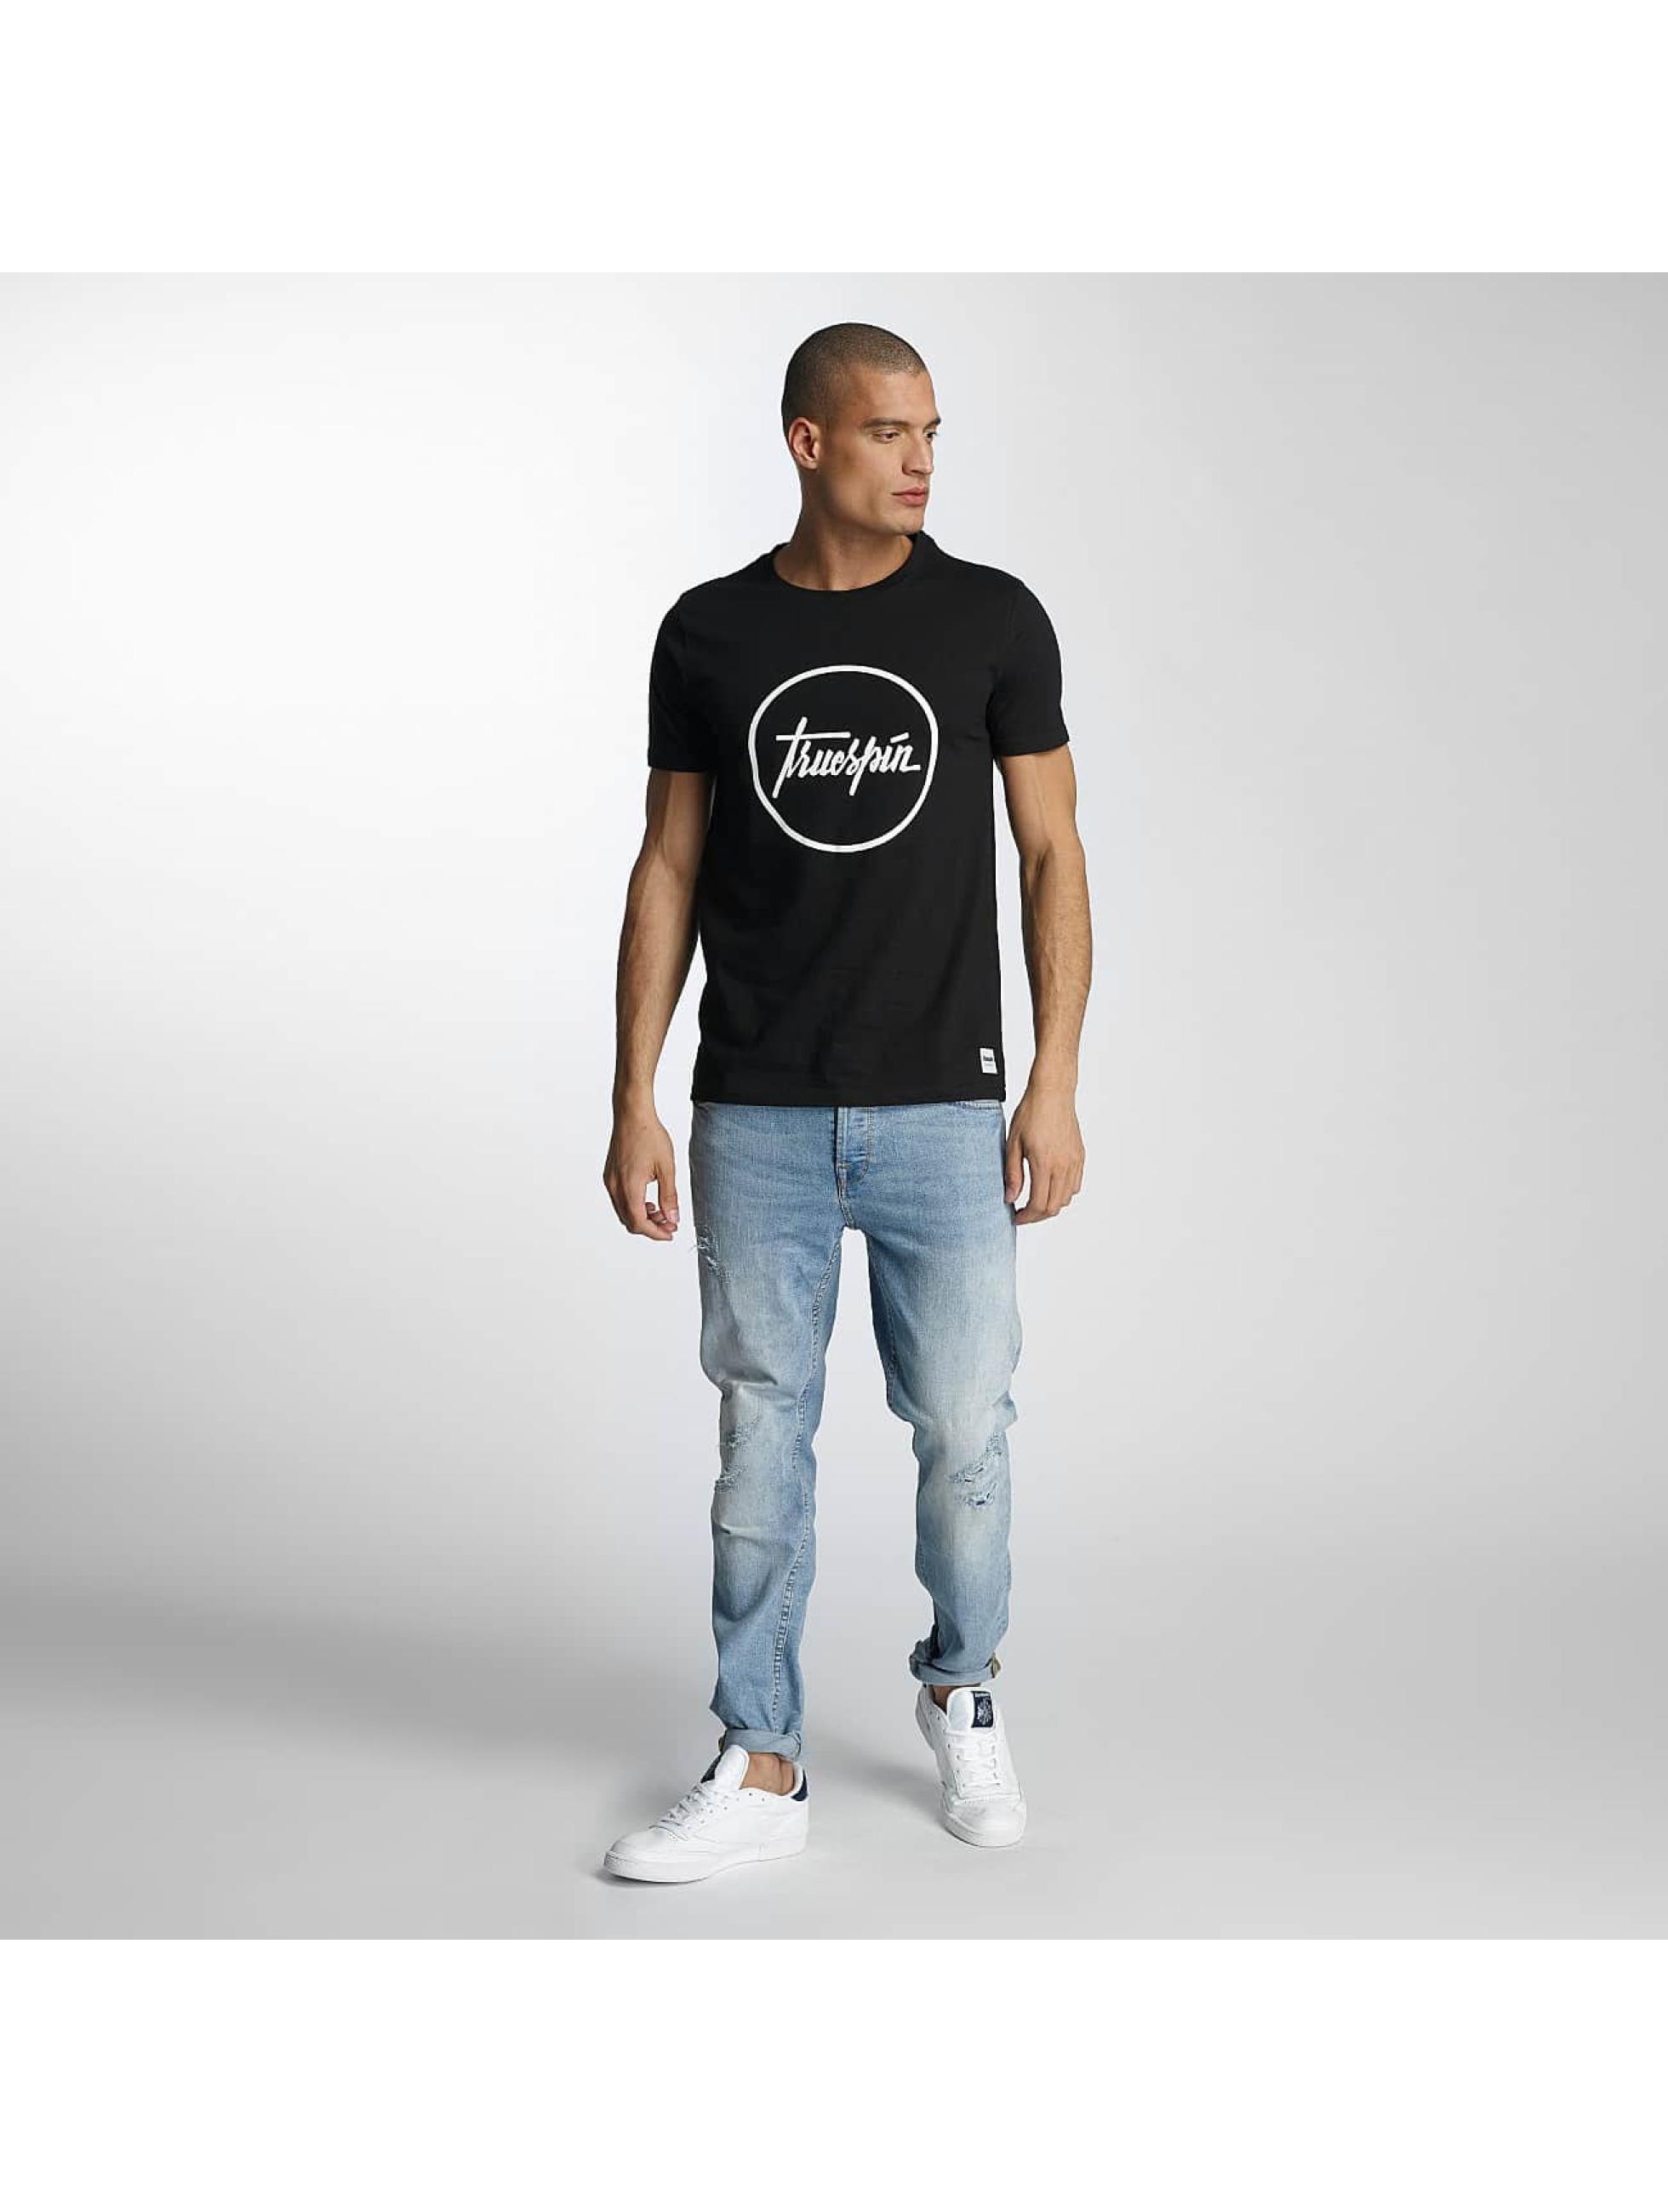 TrueSpin T-shirt 5 nero